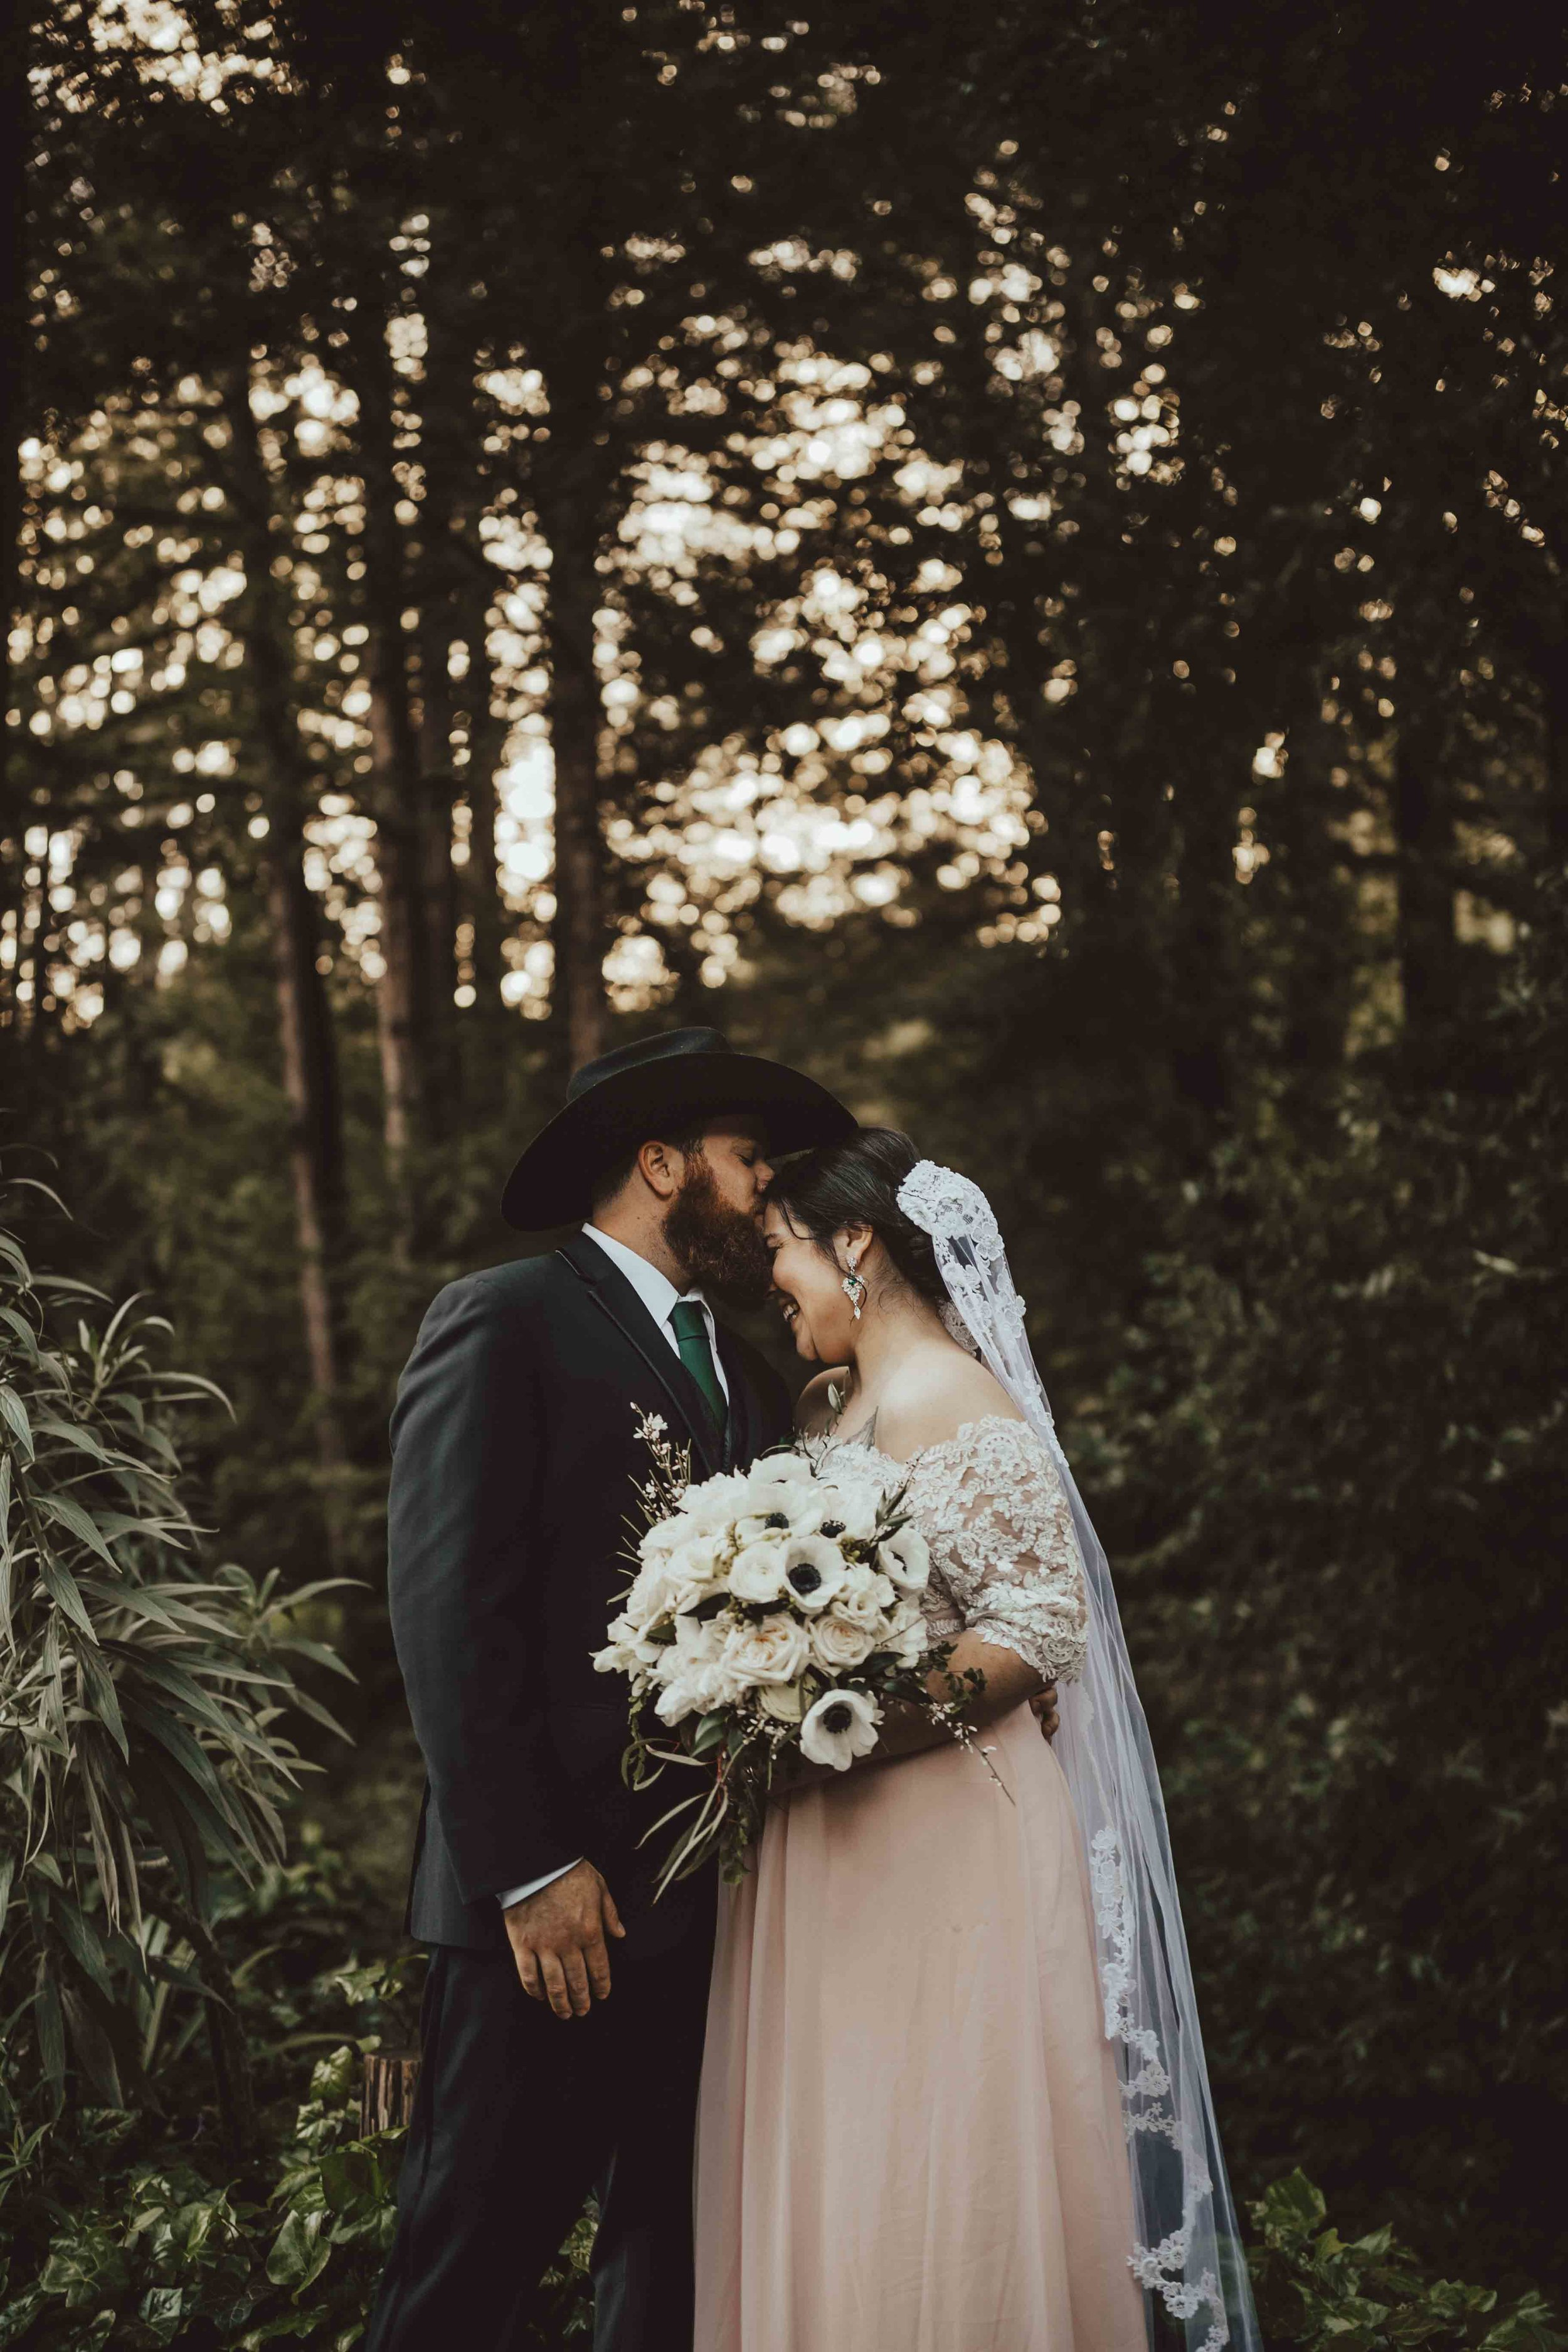 wedding day (17 of 37).jpg